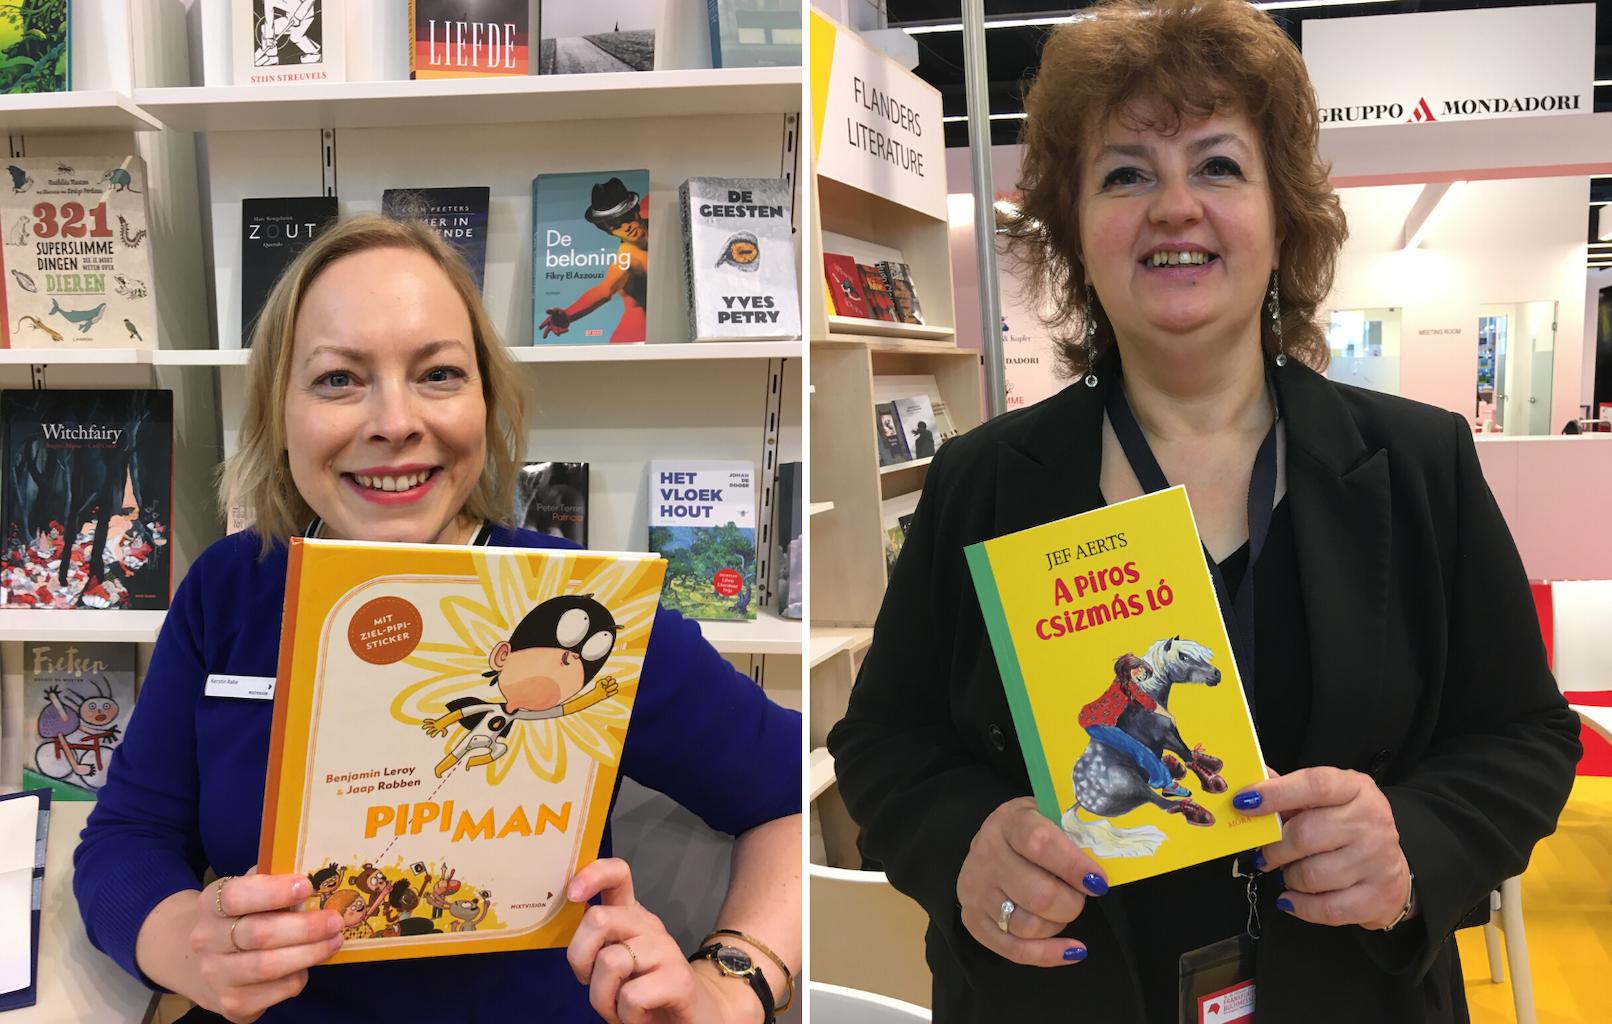 Kerstin Rabe (Mixtvision) met de Duitse uitgave van 'Plasman' (links) en Csilla Szabo (uitgeverij Mora) met de Hongaarse editie van 'Paard met laarzen'